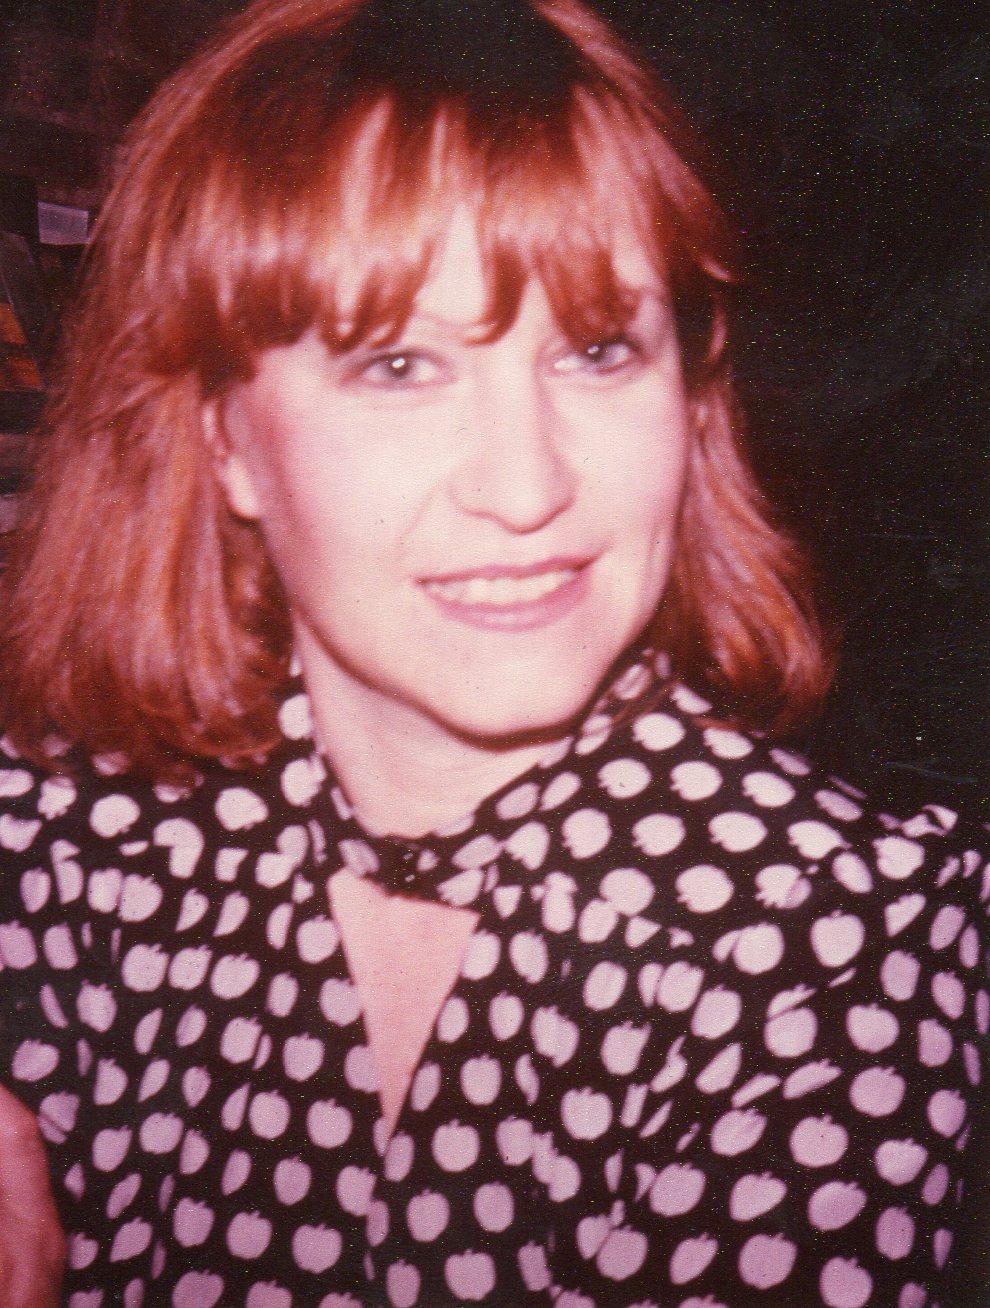 ZUHAUSE 7 FOTOGRAFIERT VON MARIANNE MILANI 1977 - 1982 AUF A 110